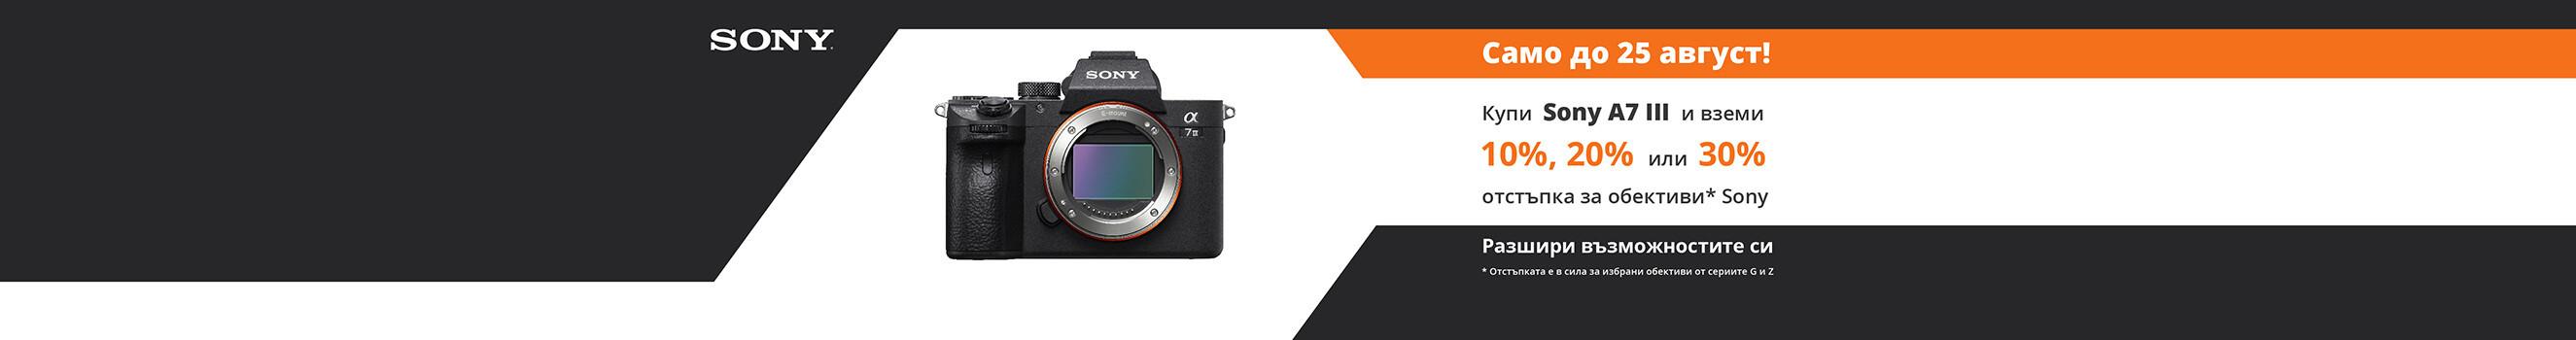 Обективи Sony с до 30% отстъпка при покупка заедно с фотоапарат Sony A7 III